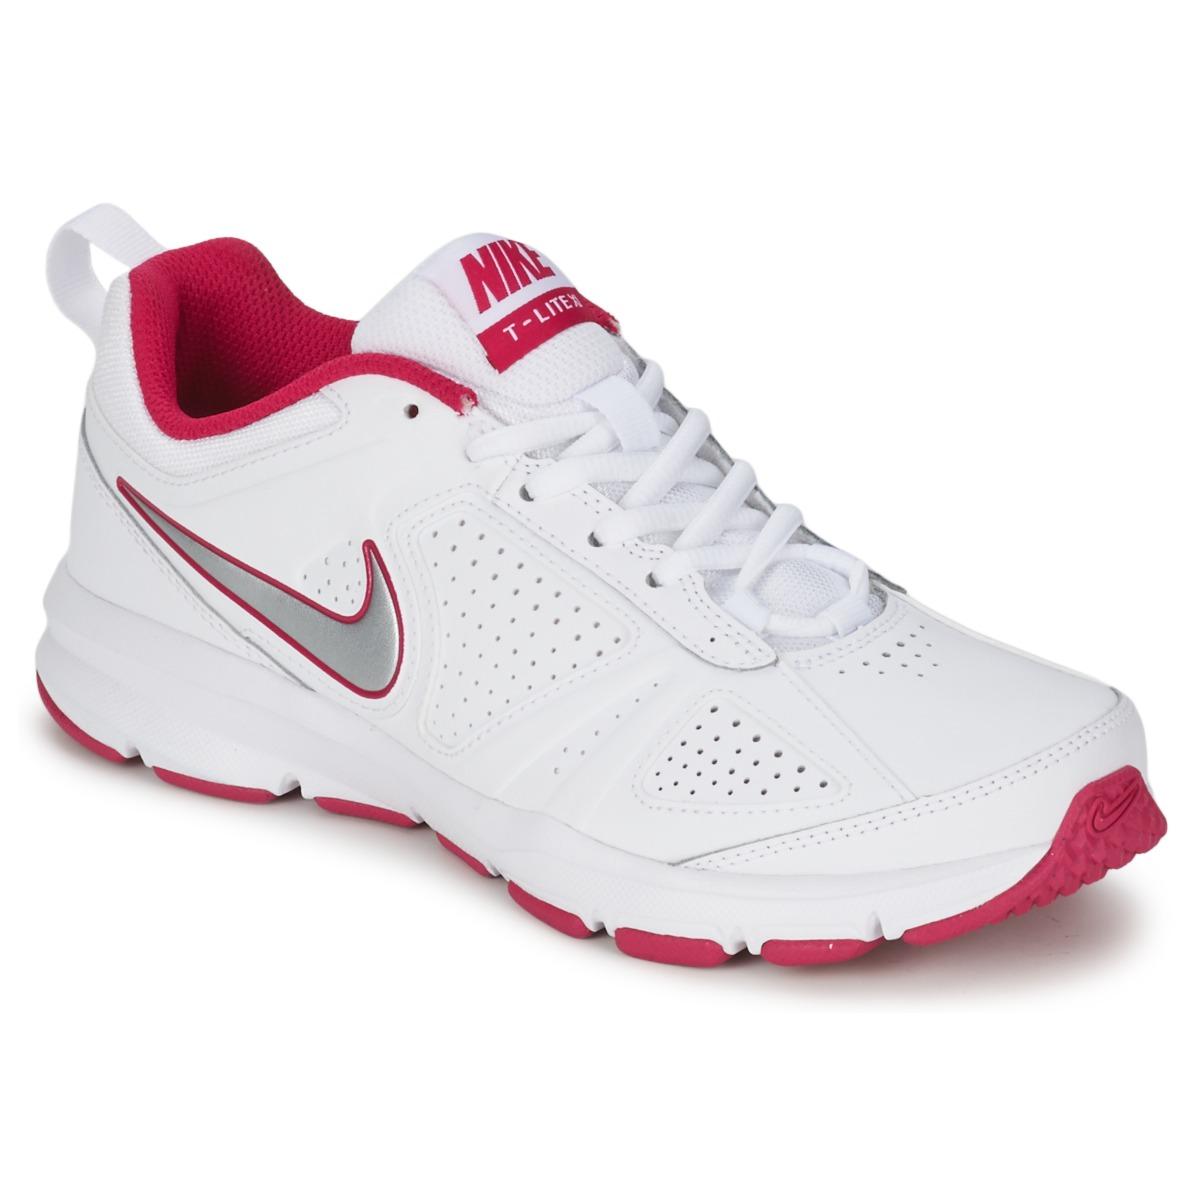 nike t lite xi blanc rose livraison gratuite avec chaussures chaussures de. Black Bedroom Furniture Sets. Home Design Ideas